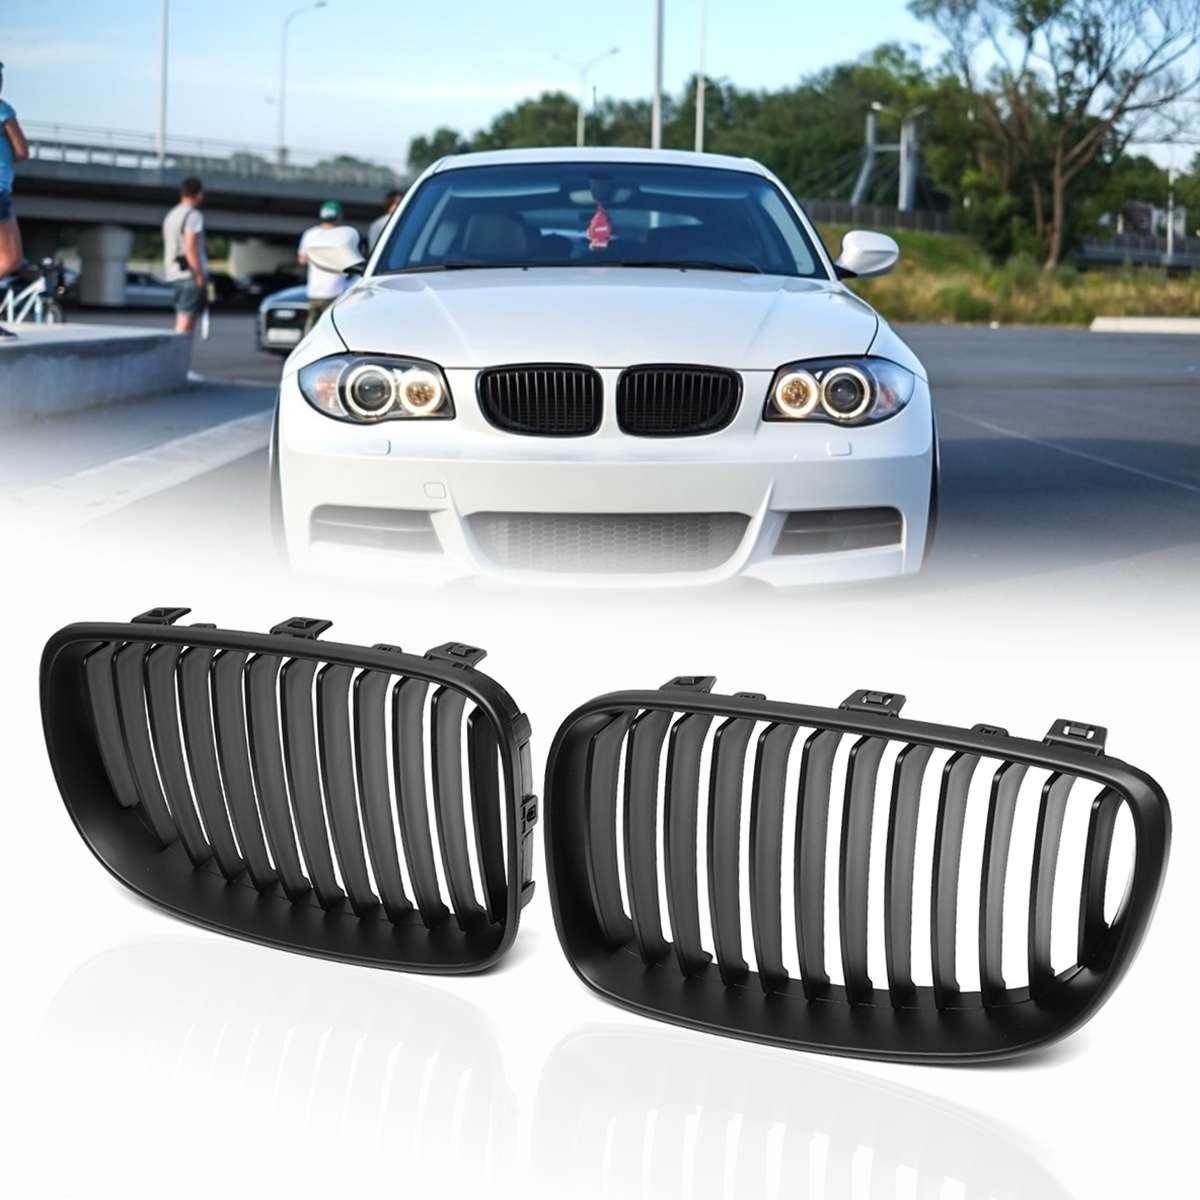 For BMW 1 SERIES E81 E82 E87 E88 2d 4d 2007 2008 2009 2010 2011 2012